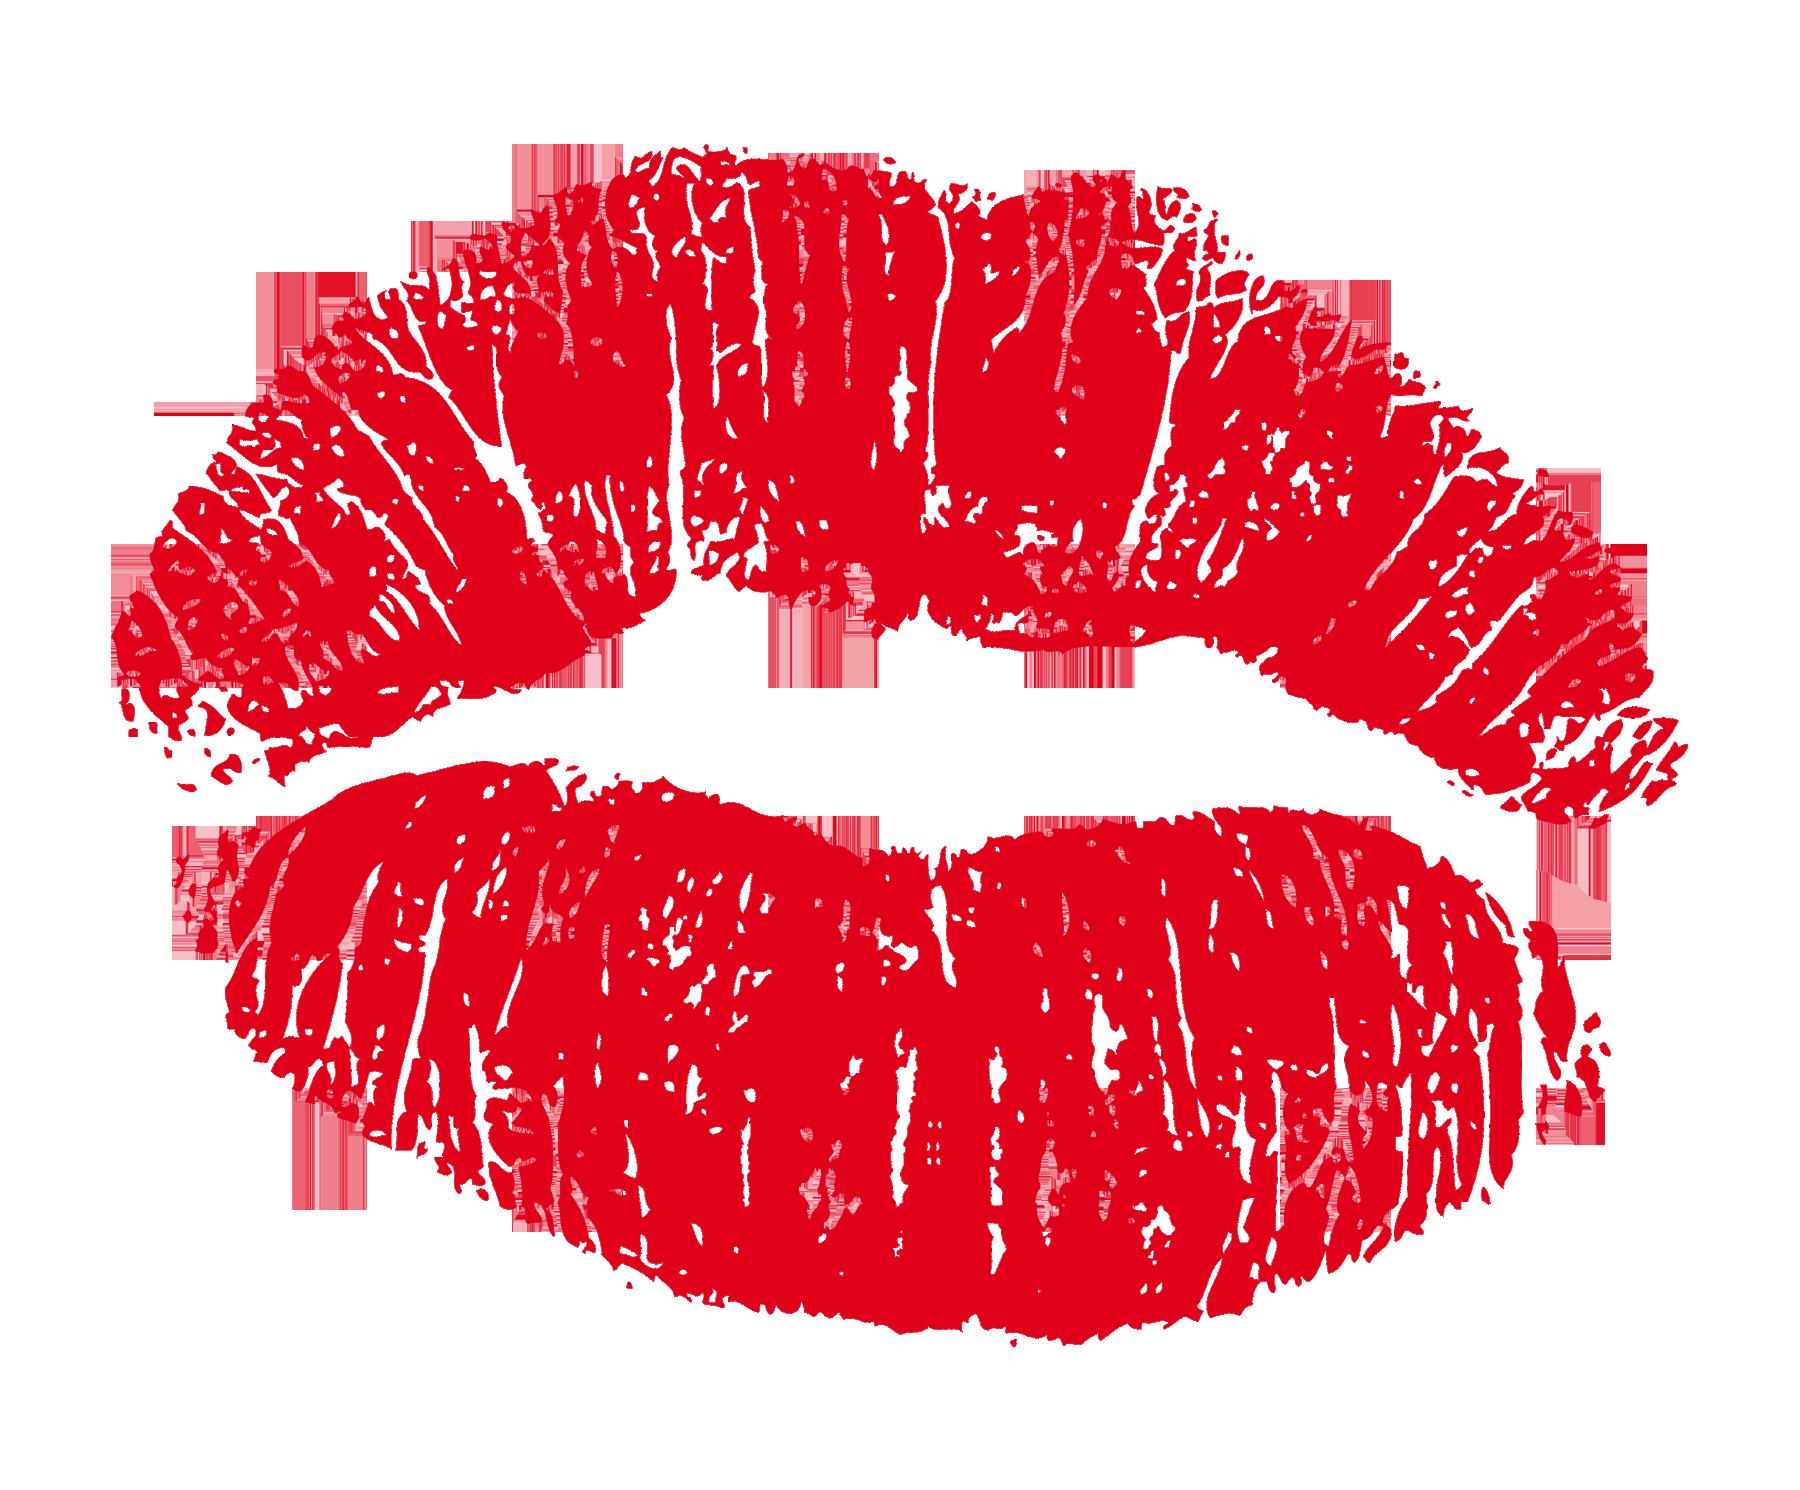 картинки поцелуйчиков губ казаками казачками